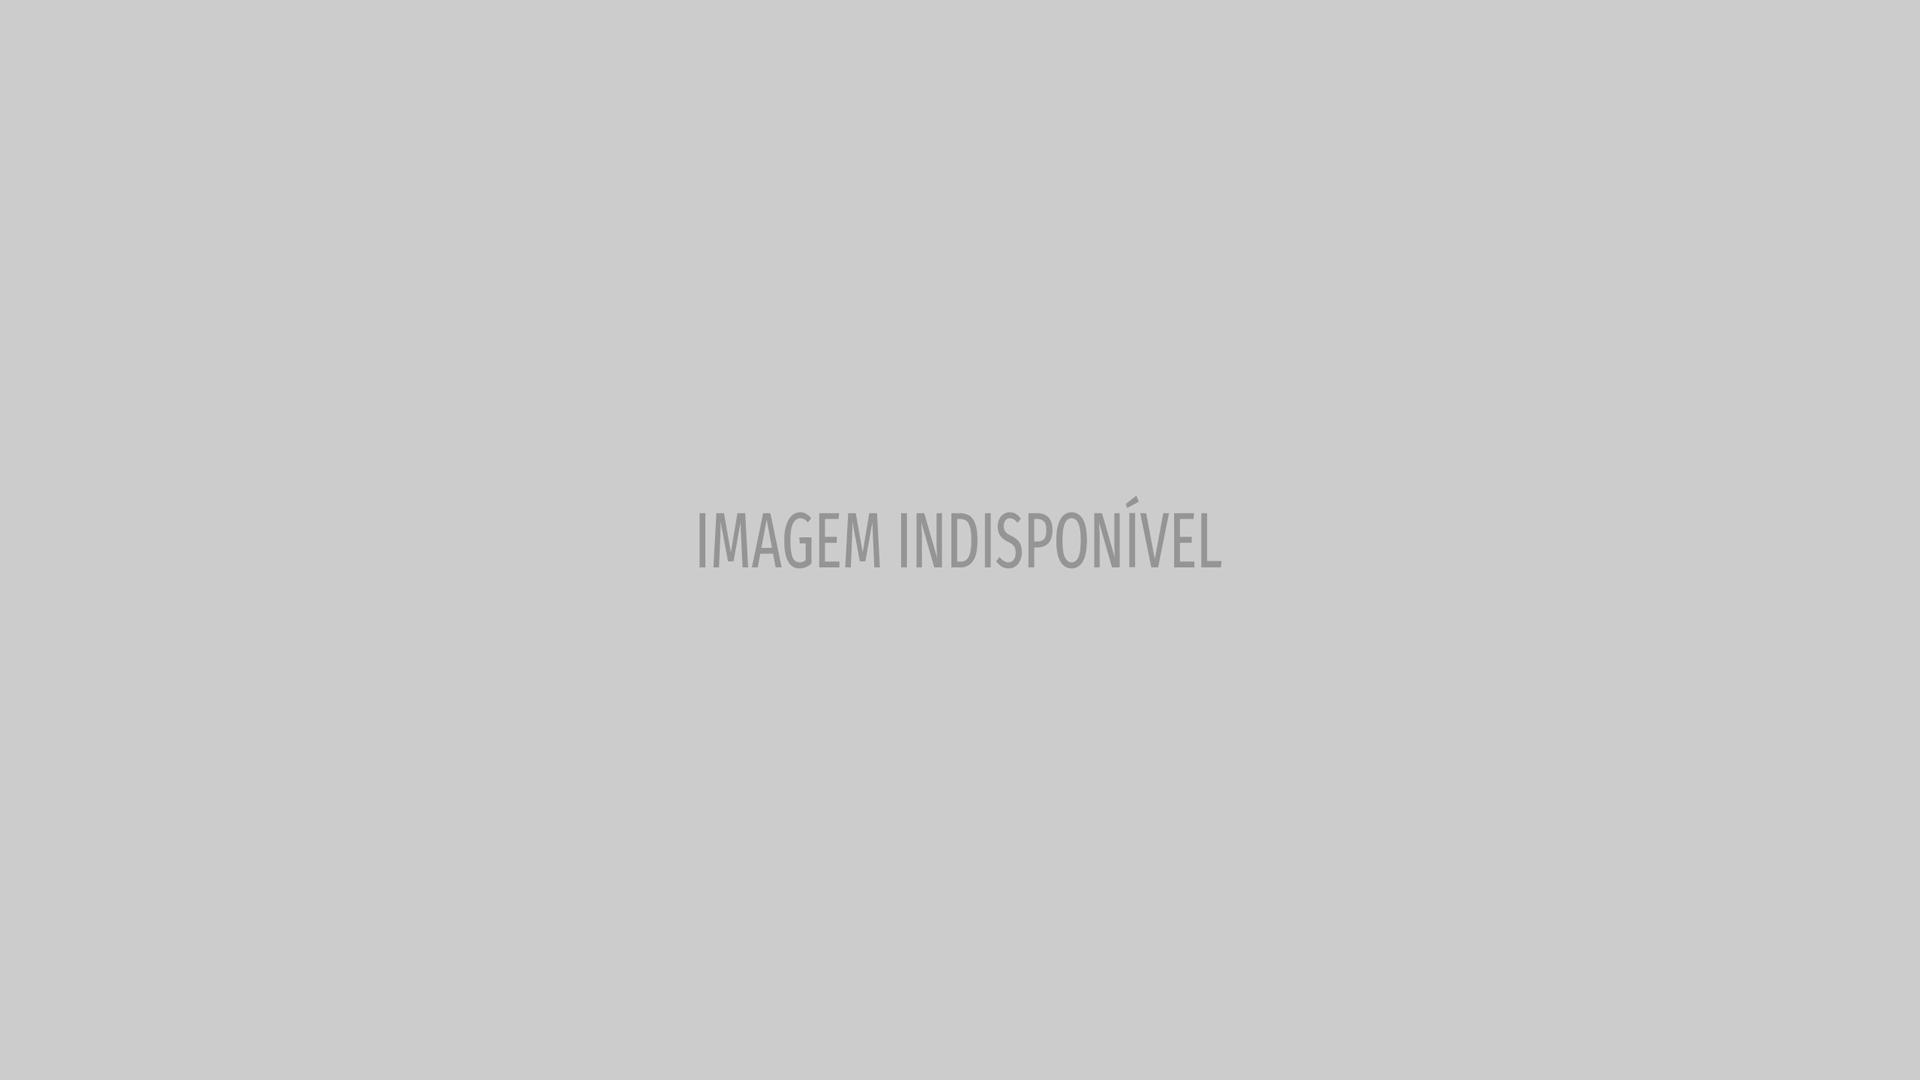 August Ames, atriz pornô de 23 anos é encontrada morta